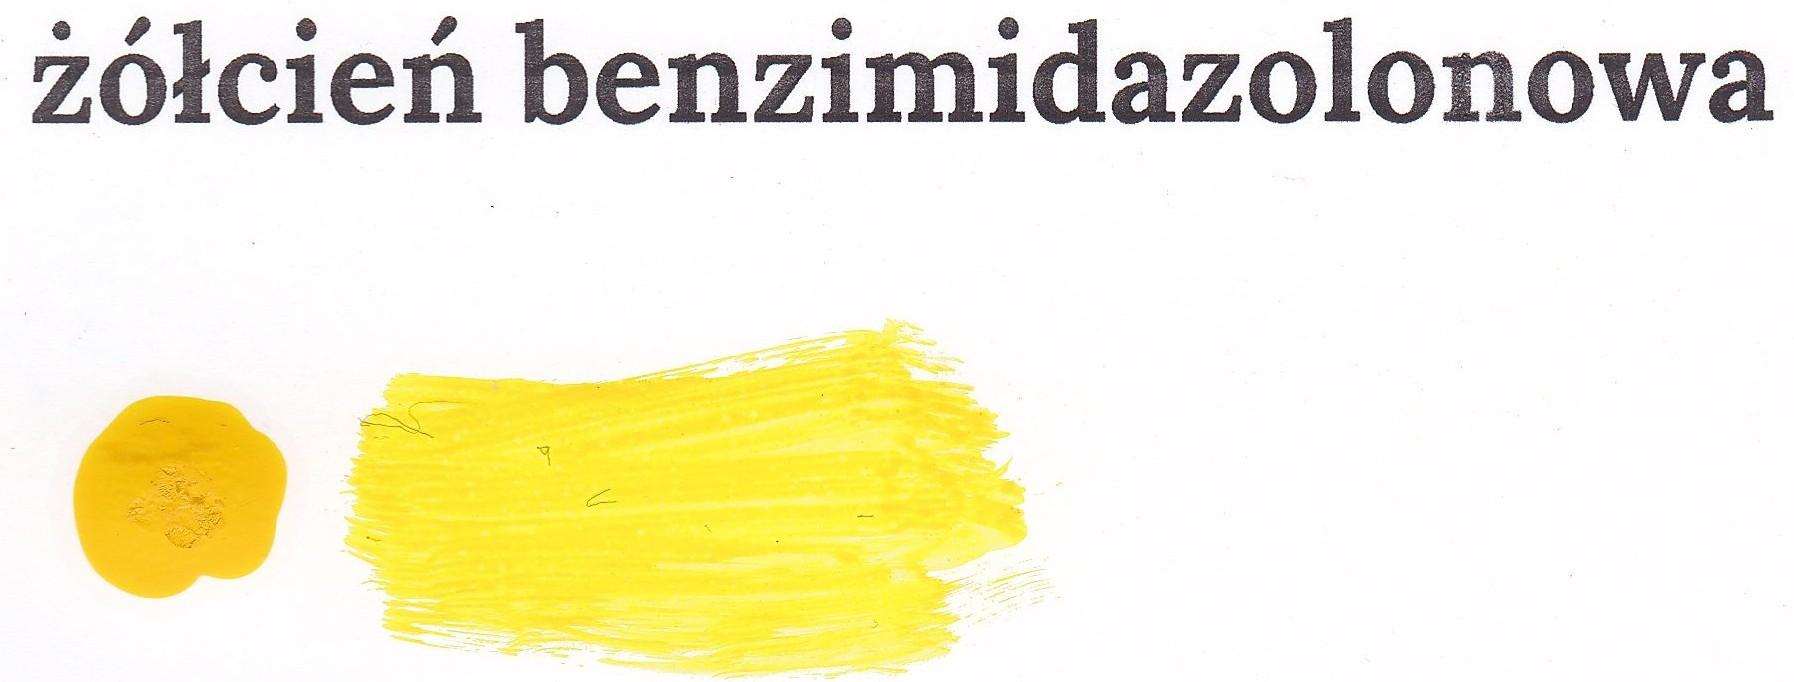 Żółcień benzimidalonowa